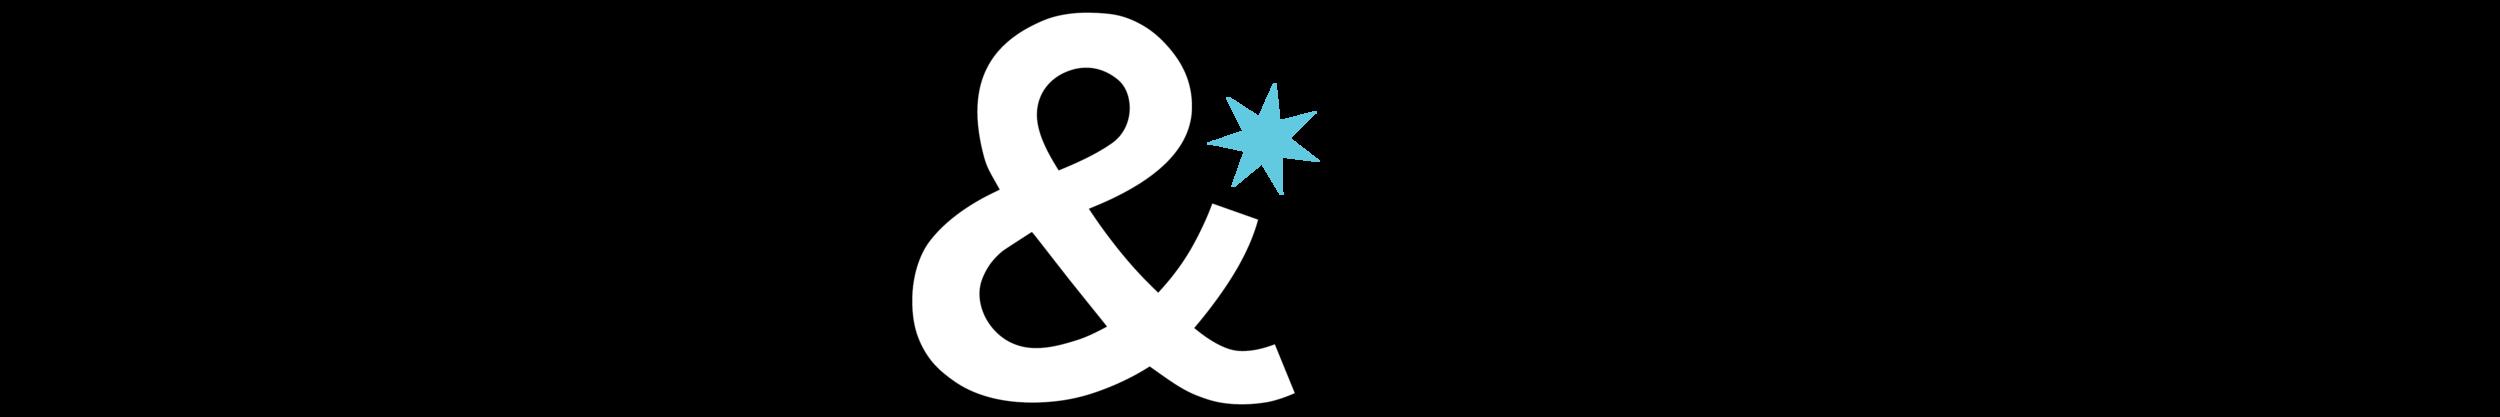 Seed_Spark-logo-black (2).png